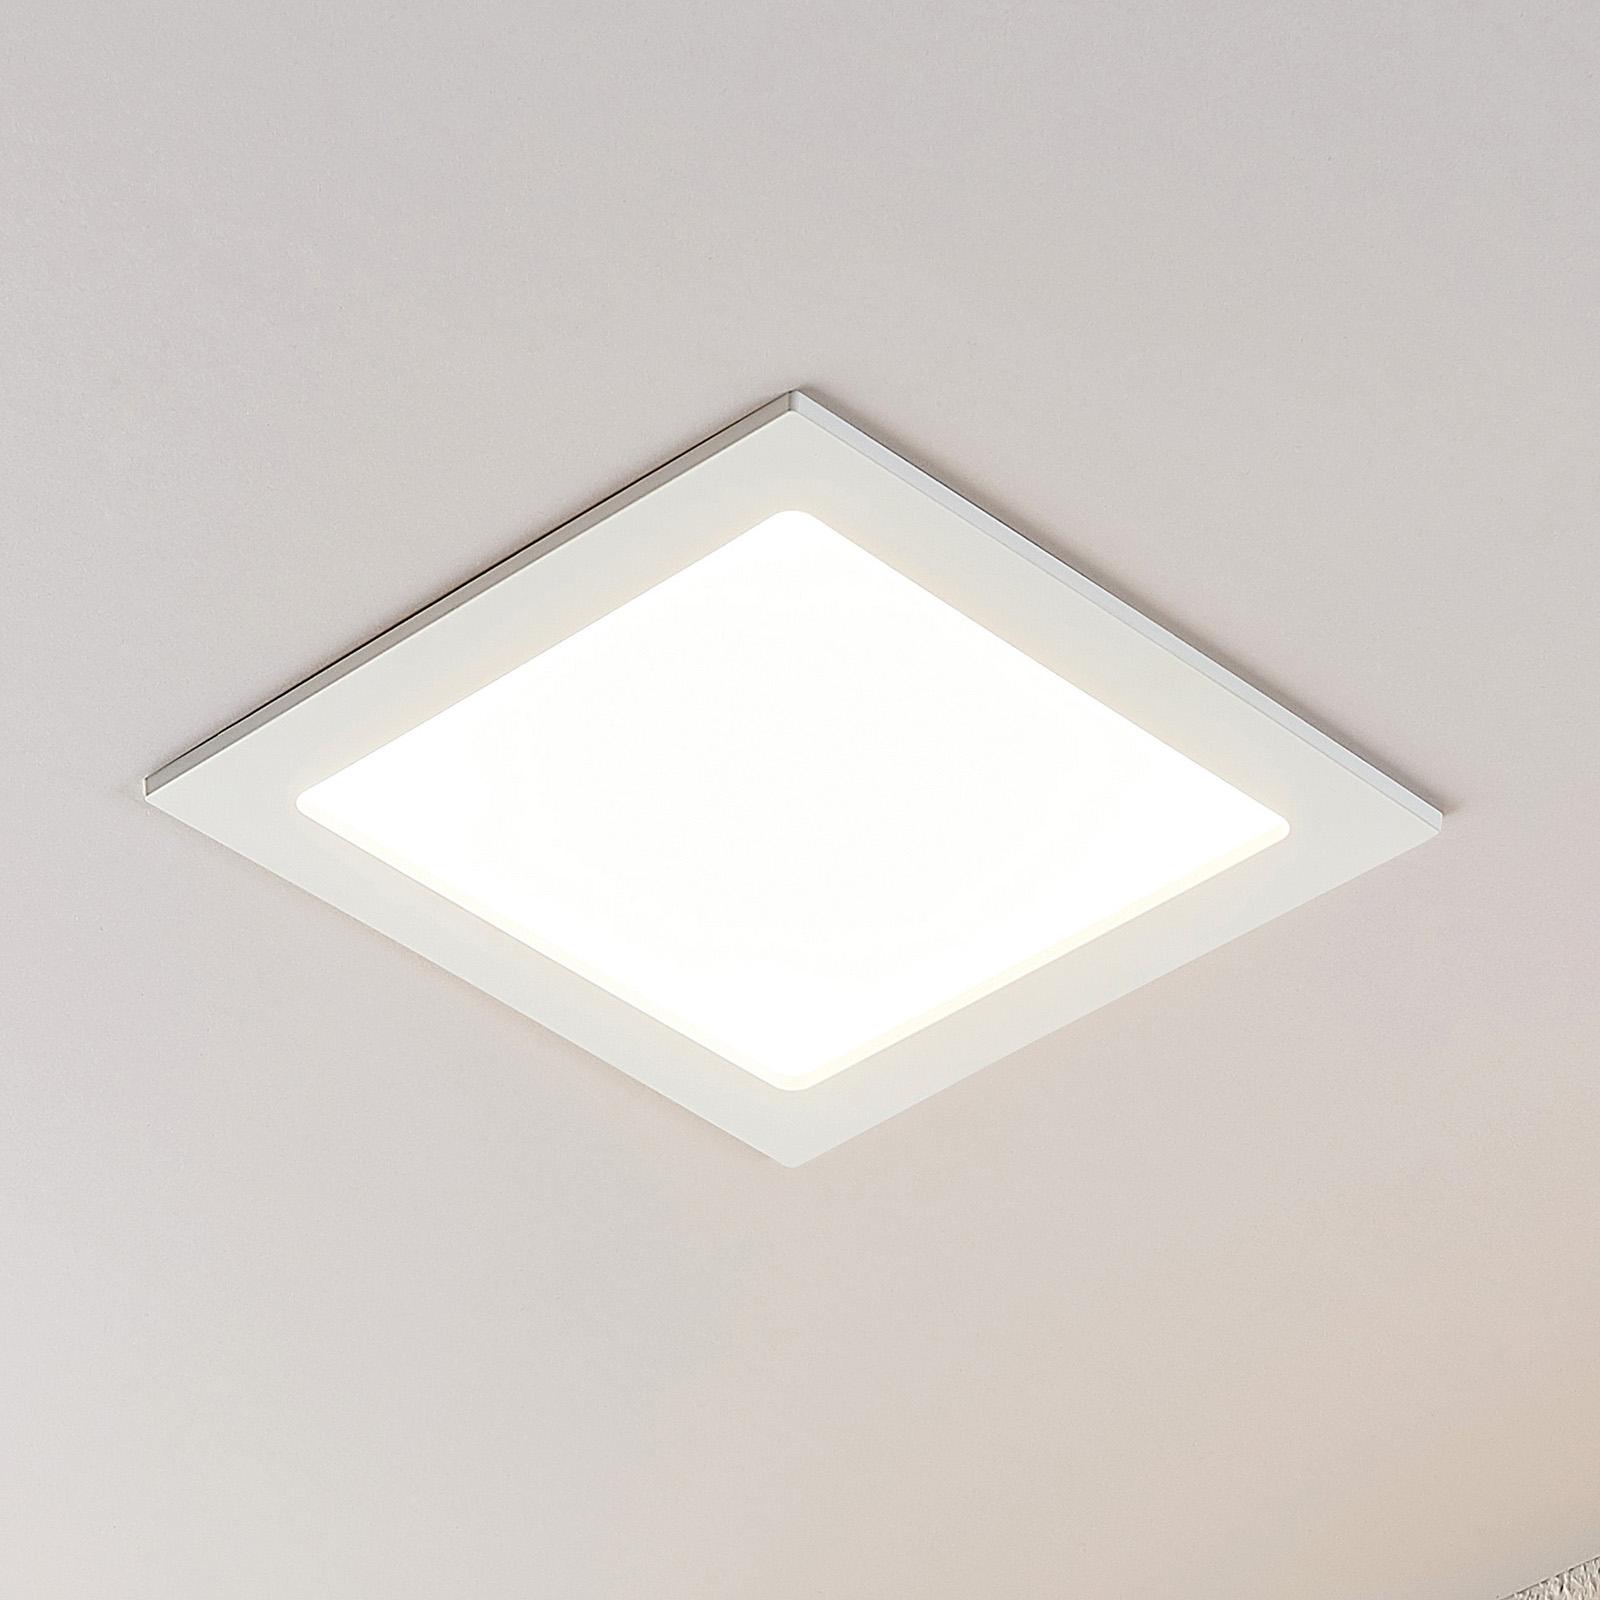 LED podhledové svítidlo Joki 3000K hranaté 24cm